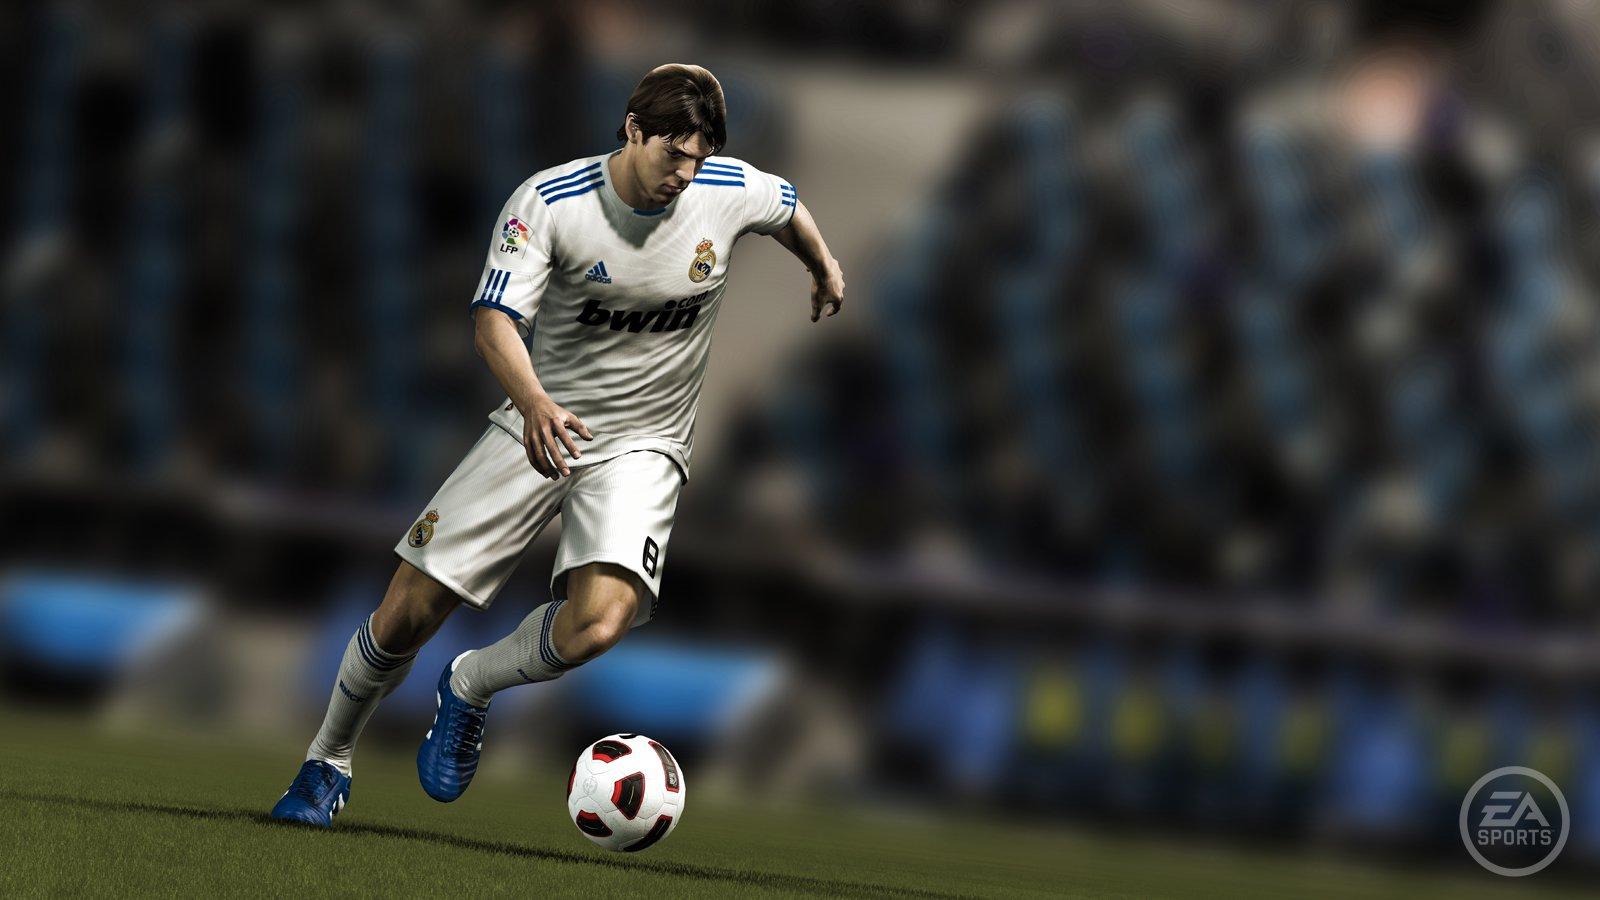 FIFA 12'nin ilk ekran görüntüsü!